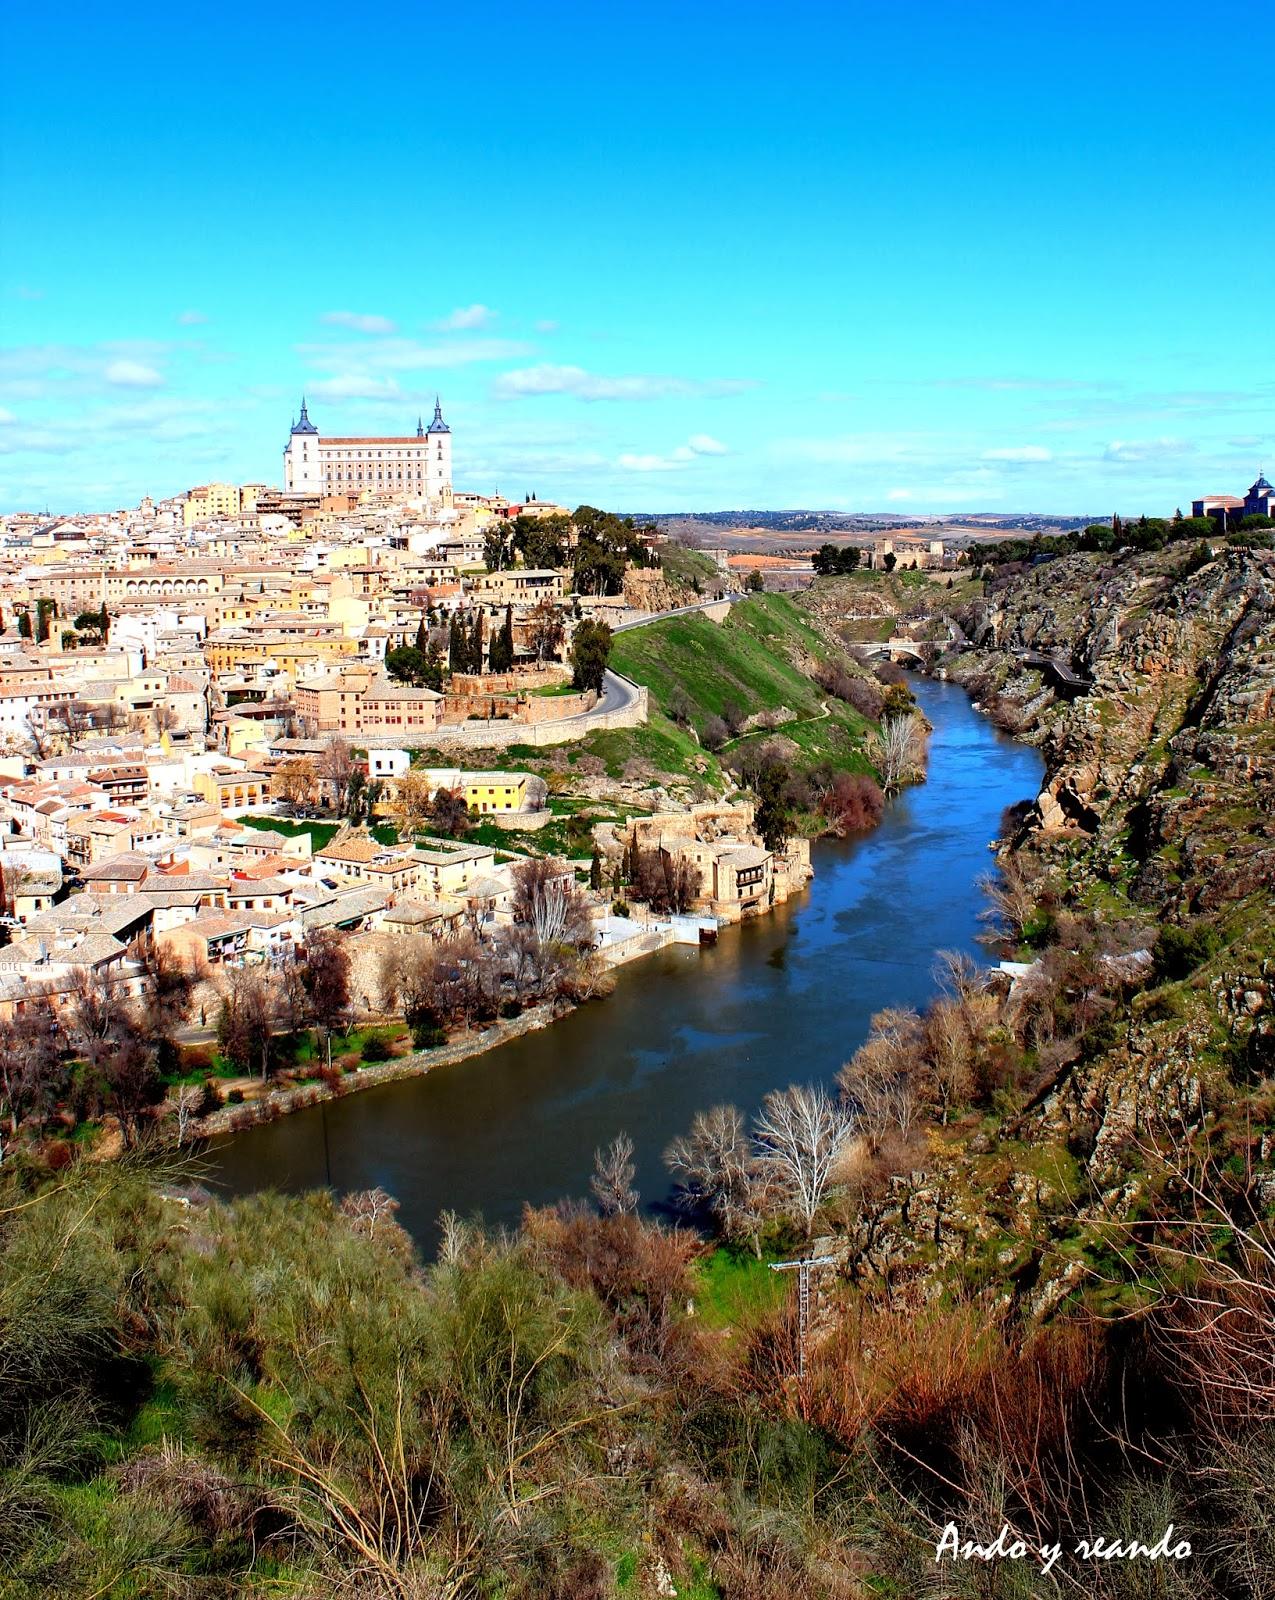 Panorámica del río Tajo y Toledo desde la carretera de circunvalación